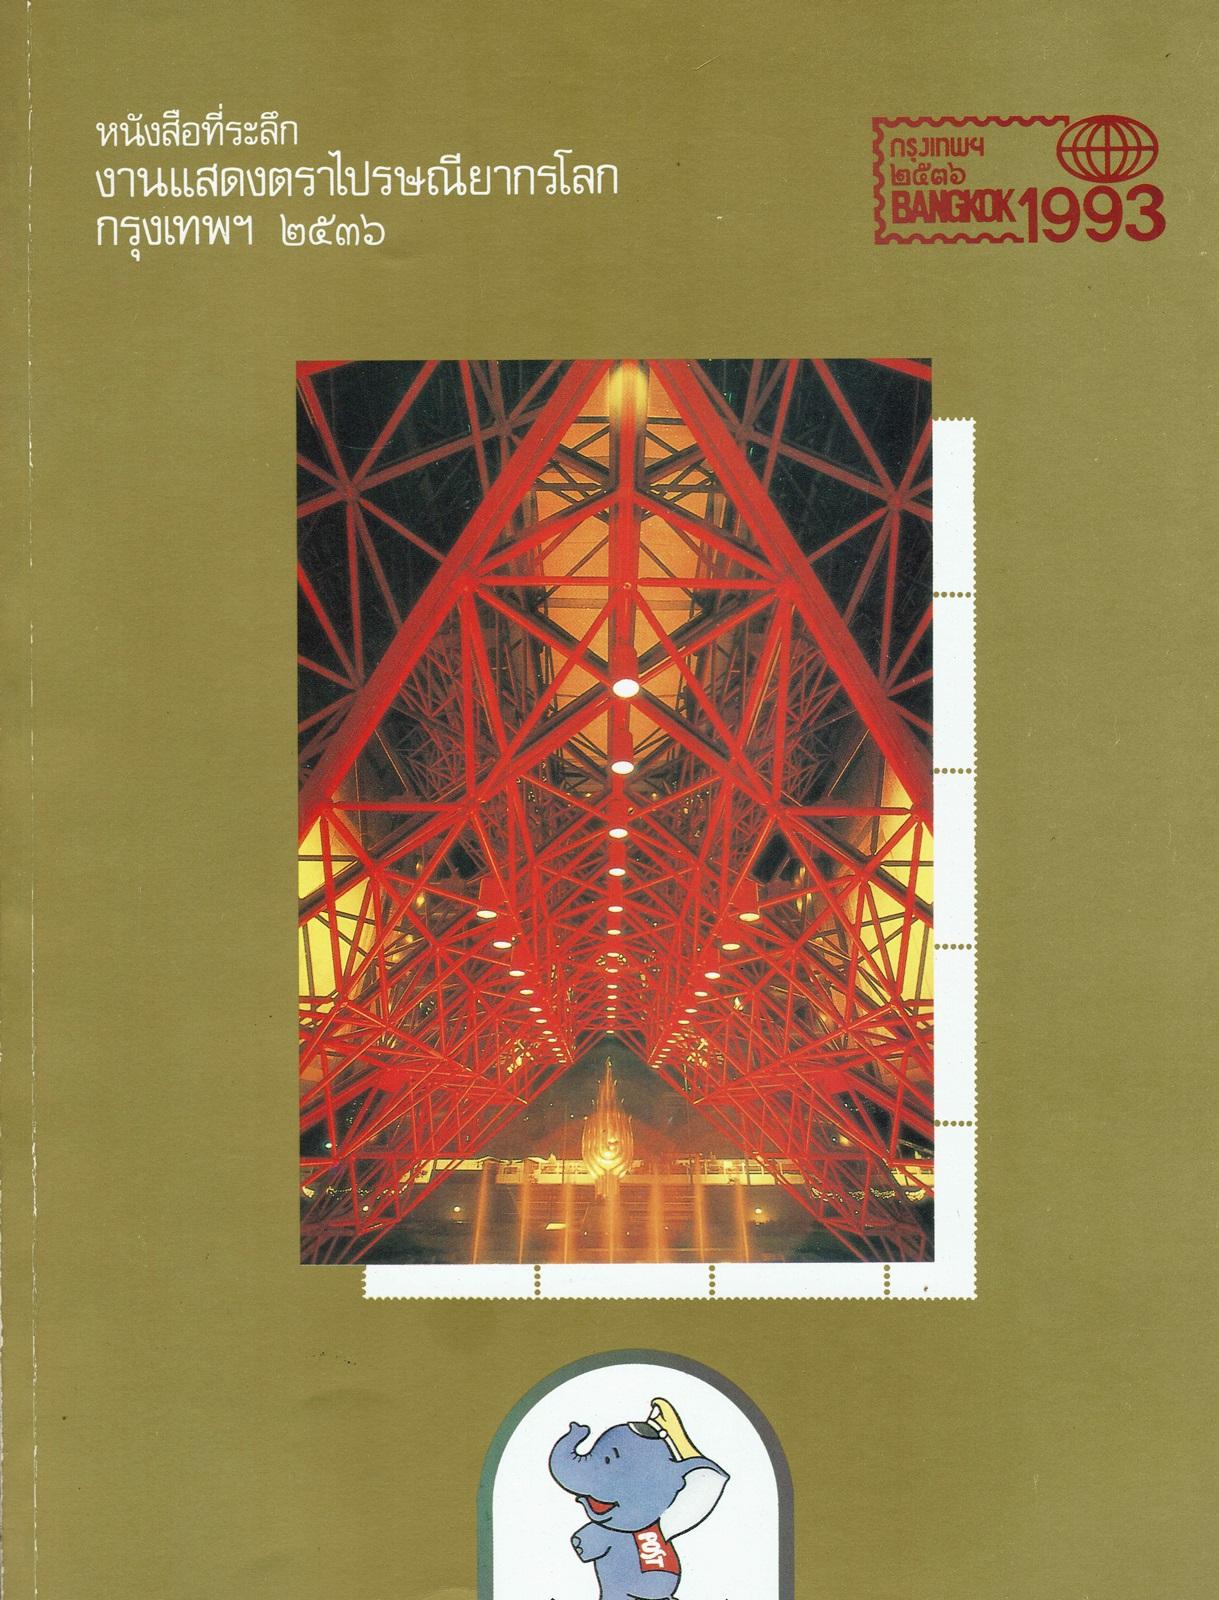 หนังสือที่ระลึกงานแสดงตราไปรษณียากรโลก กรุงเทพ ปี ๒๕๓๖